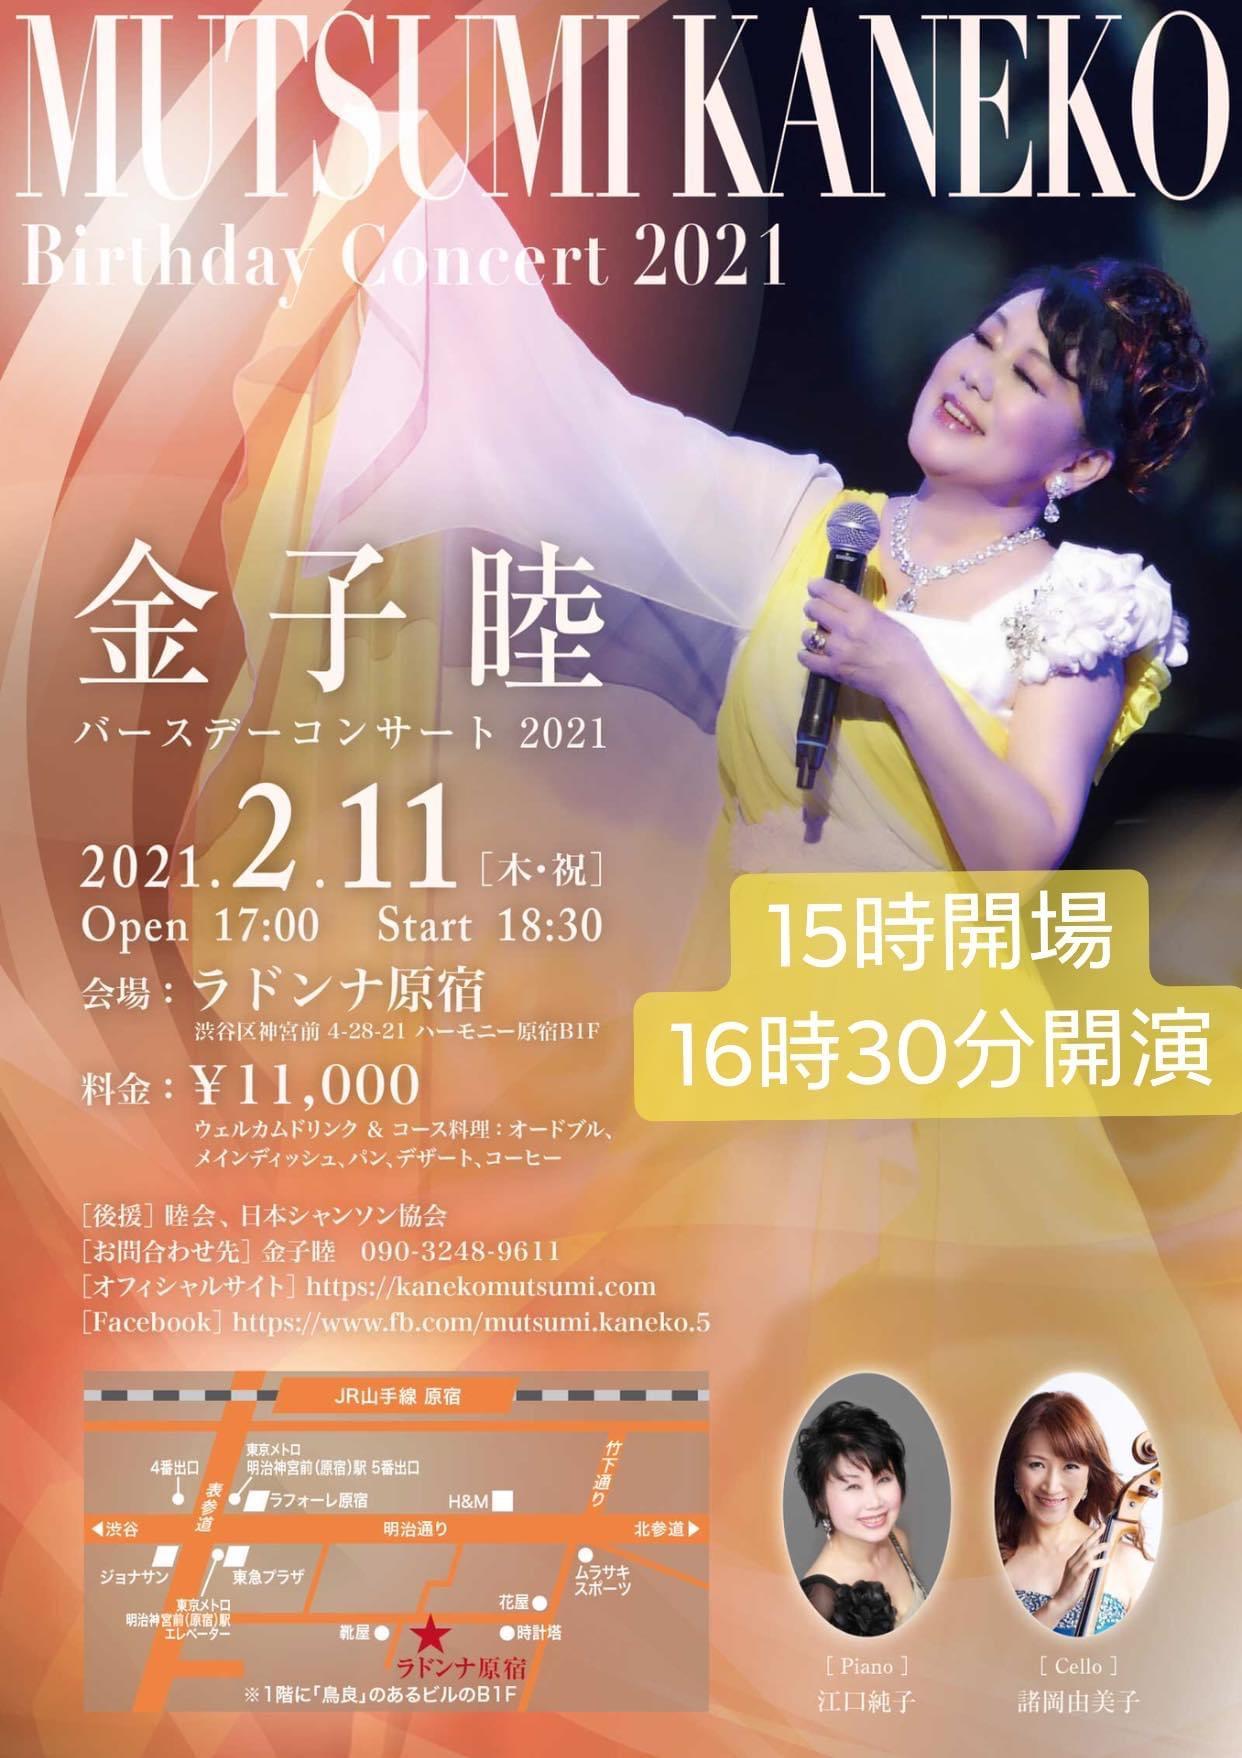 金子 睦 バースデーコンサート2021